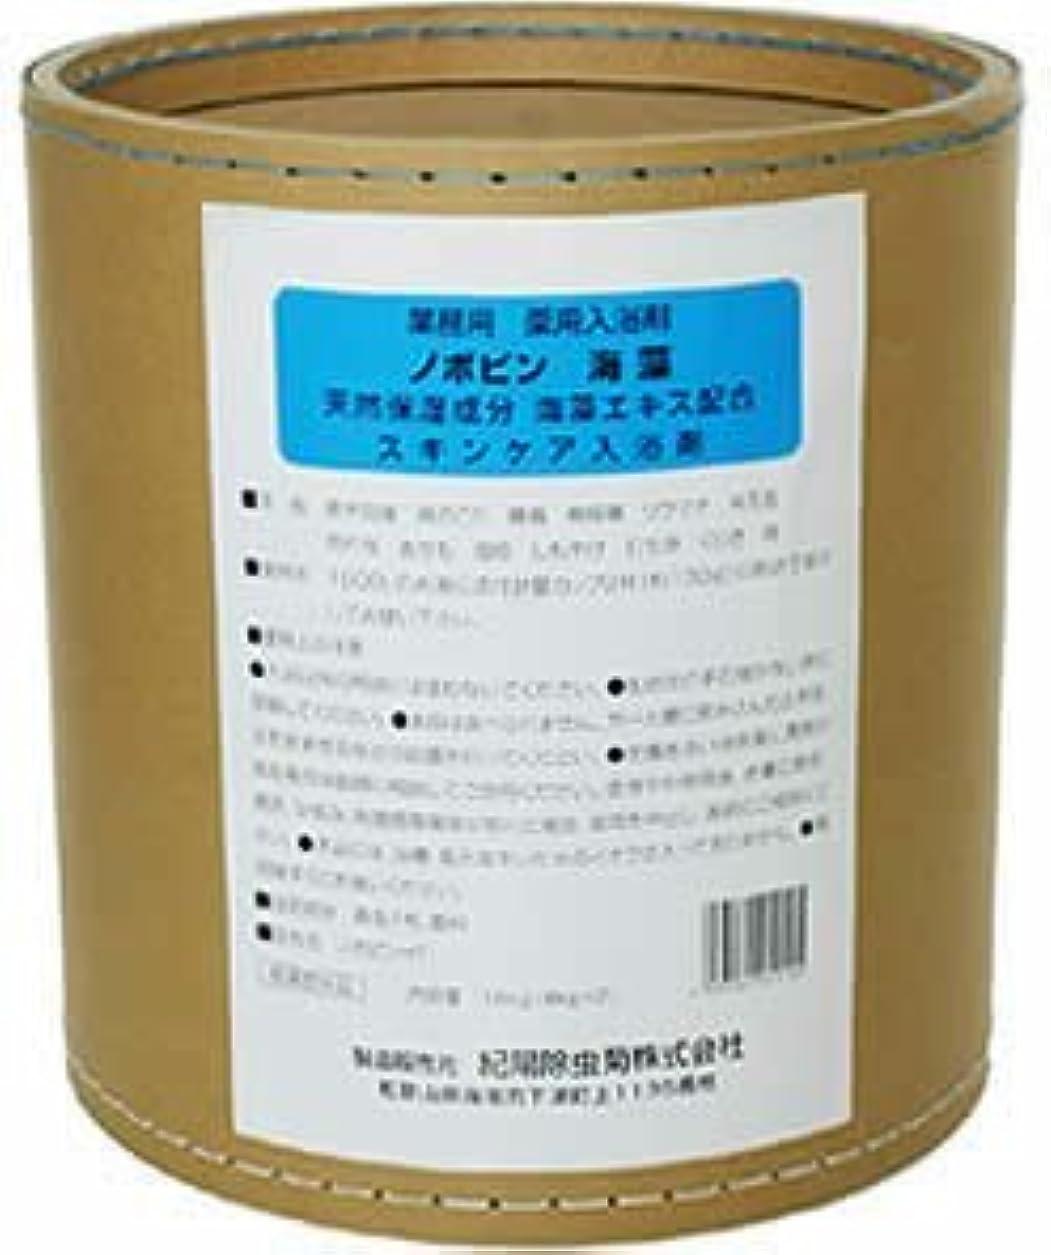 本当のことを言うと黒ピッチ業務用 入浴剤 ノボピン 海藻 16kg(8kg*2)